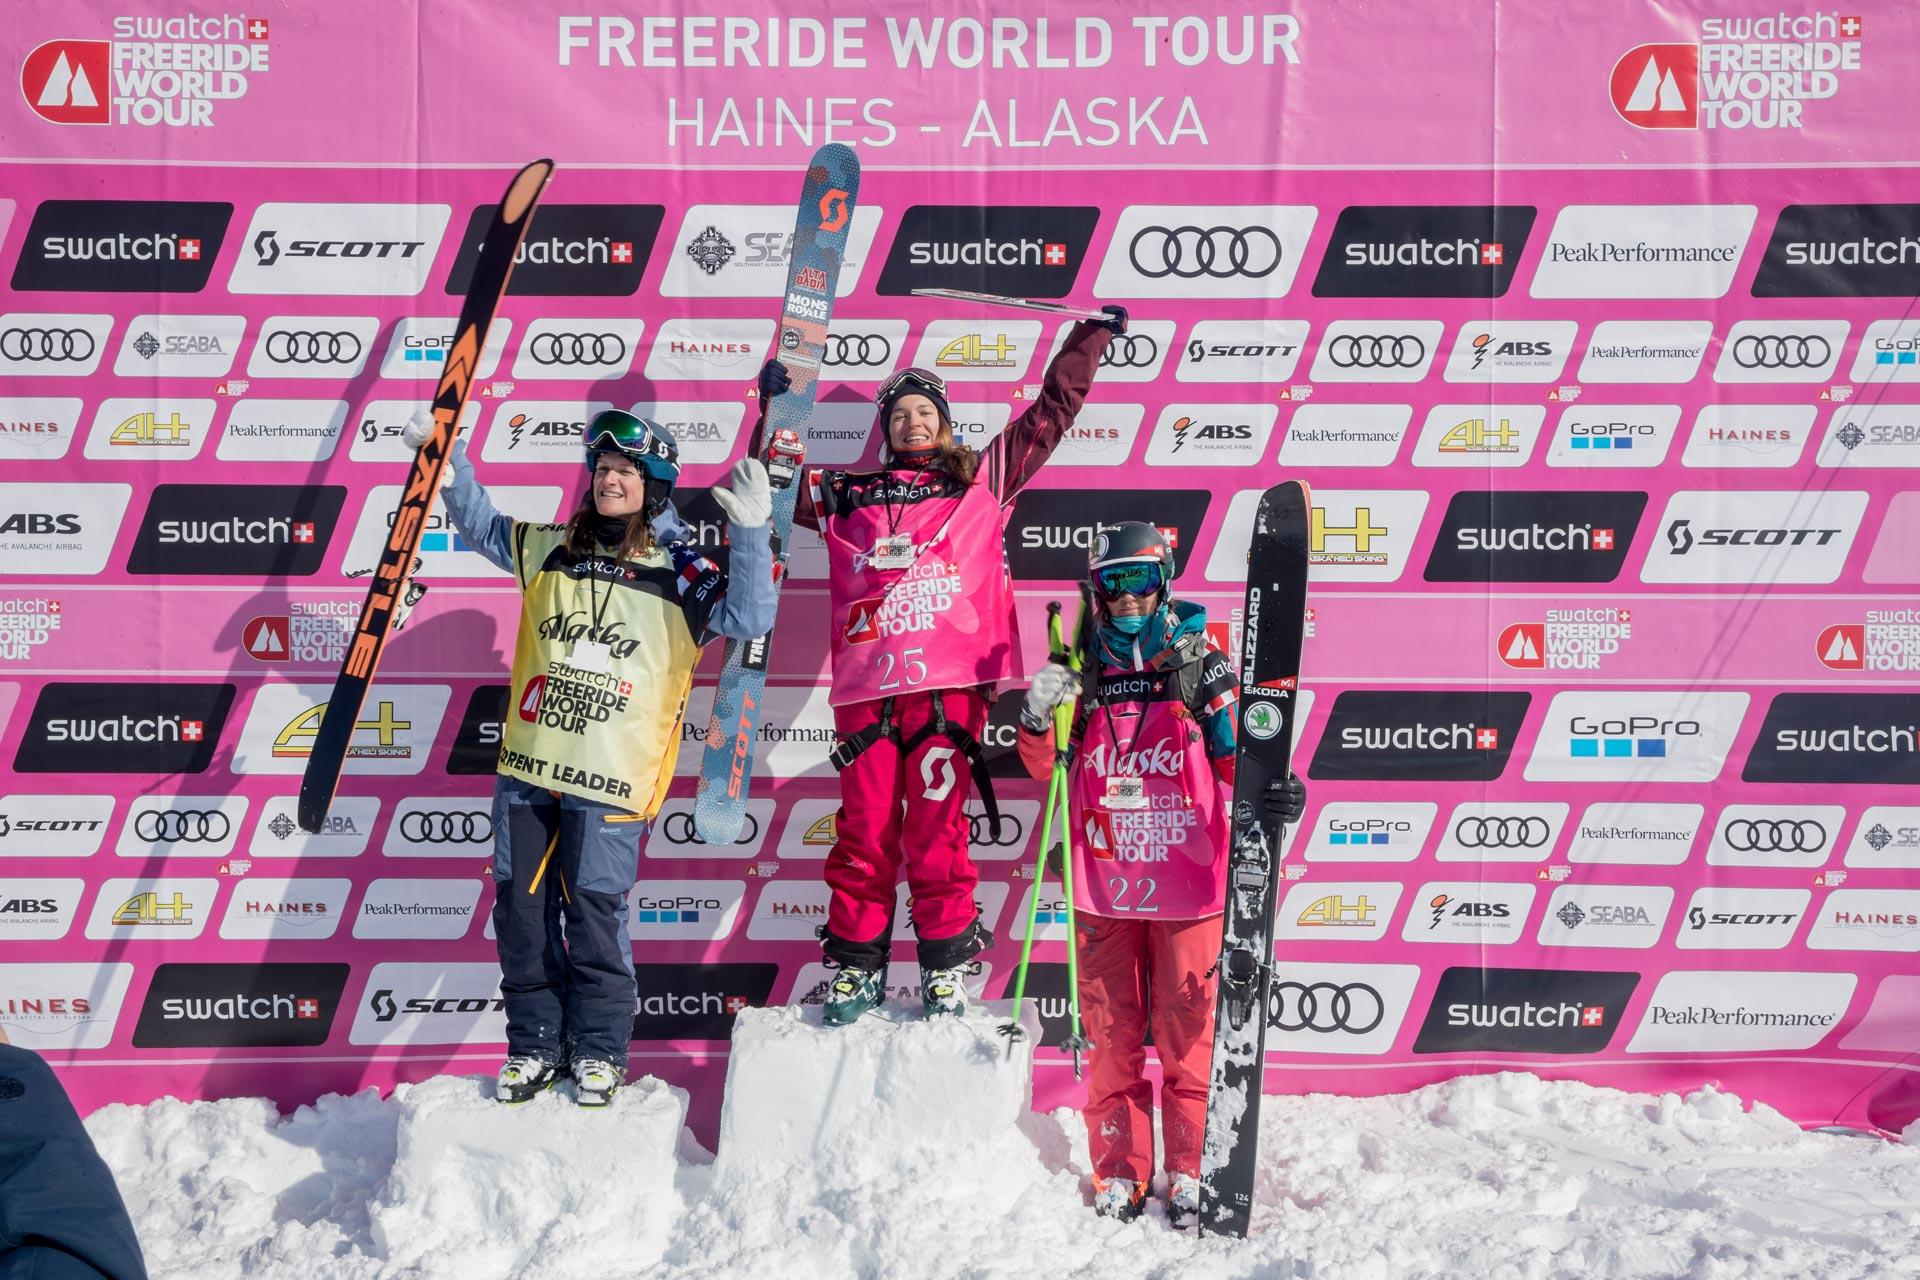 Die Top 3 Frauen der FWT in Alaska: Lorraine Huber, Arianna Tricomi und Eva Walkner - Foto: J. Bernard / freerideworldtour.com